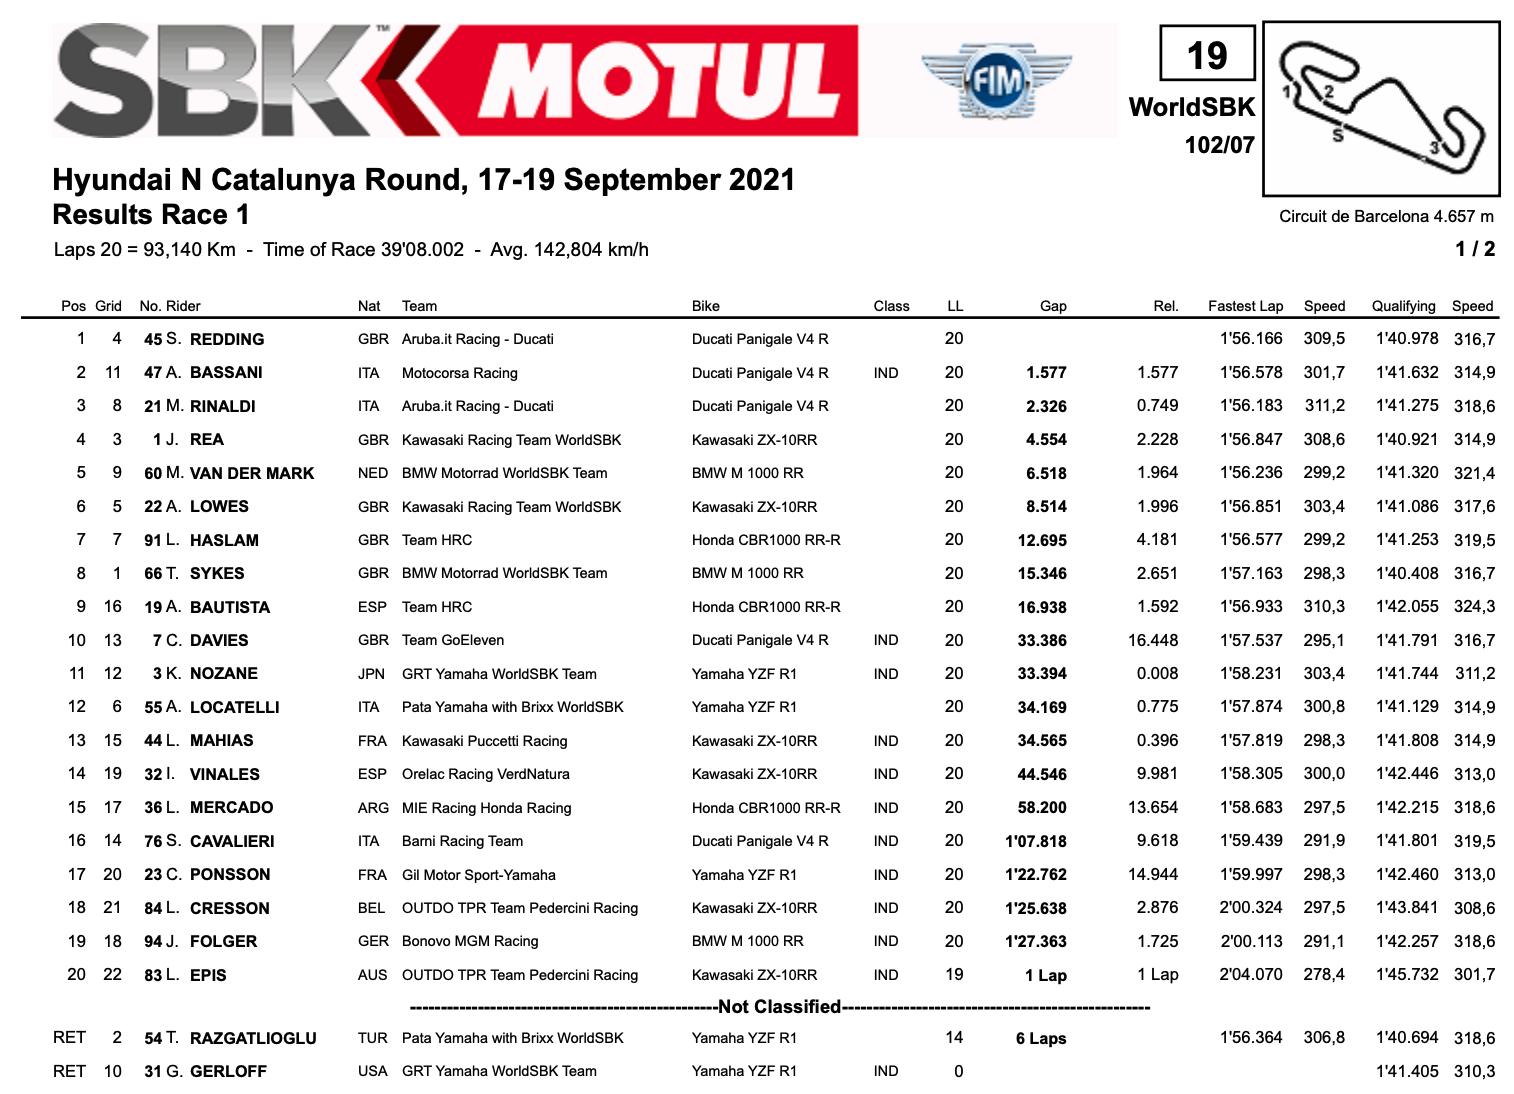 FIM スーパーバイク世界選手権(SBK)カタルーニャ戦 レース優勝はスコット・レディング